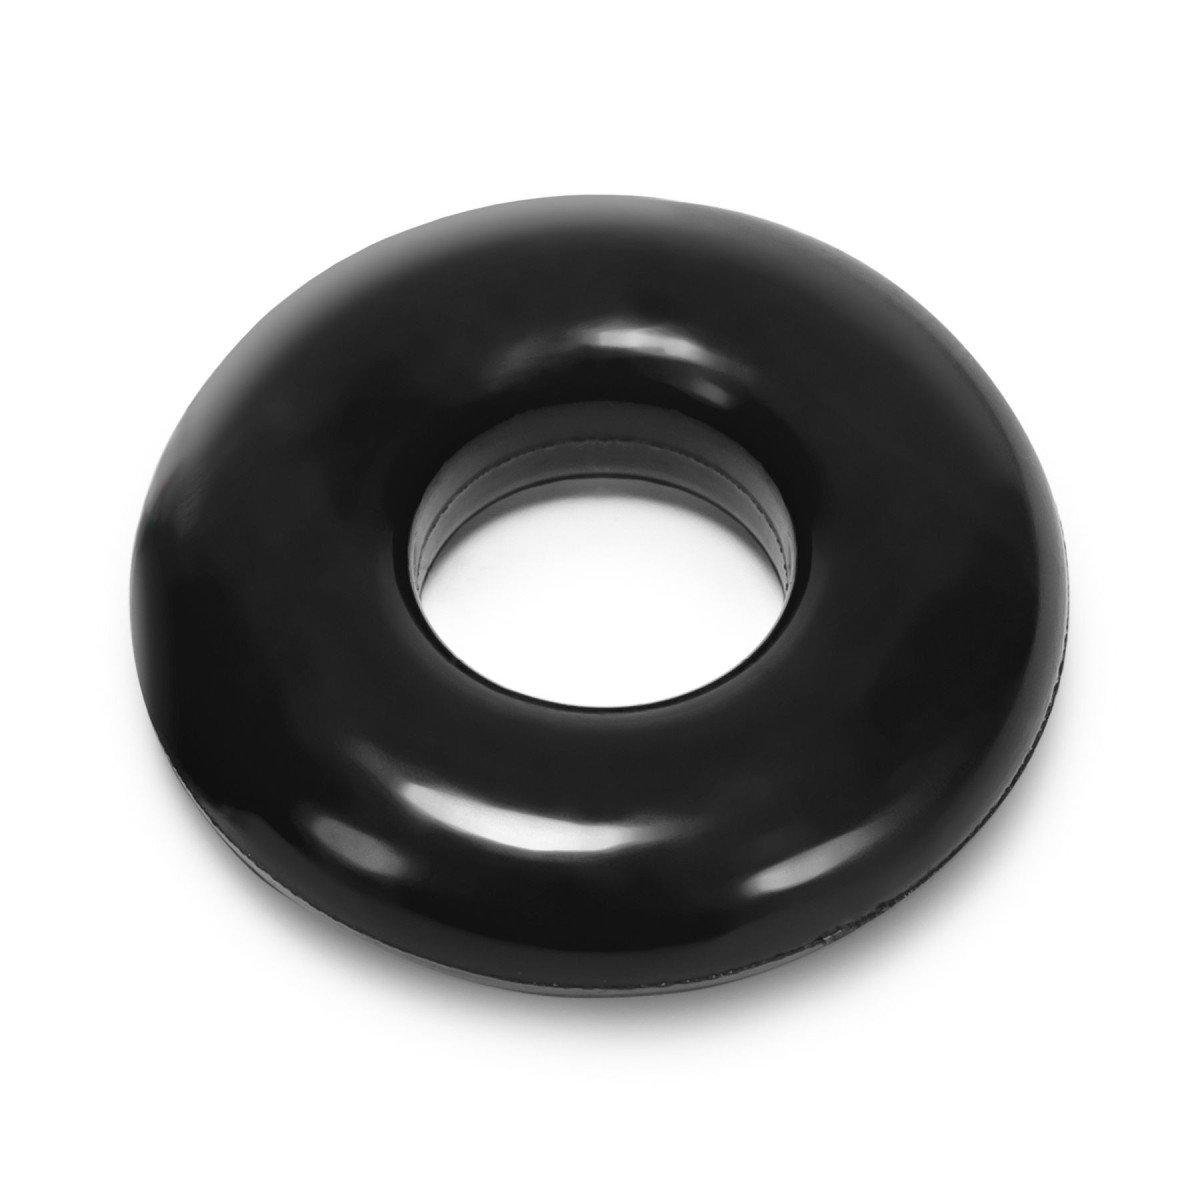 Erekčný krúžok Oxballs Do-Nut 2 čierny